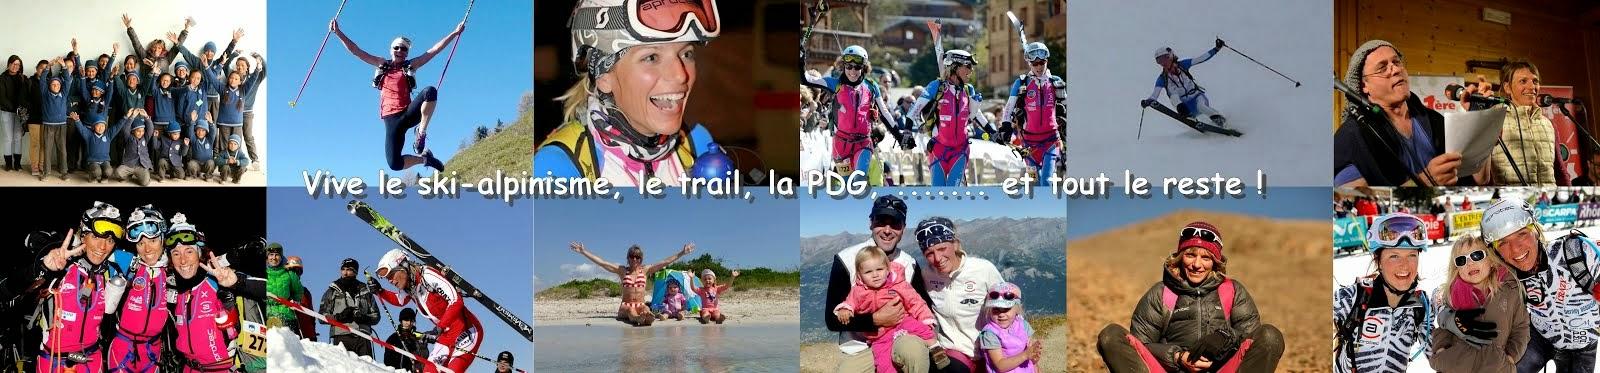 Vive le Ski-alpinisme, la PDG, le Trail et ....tout le reste